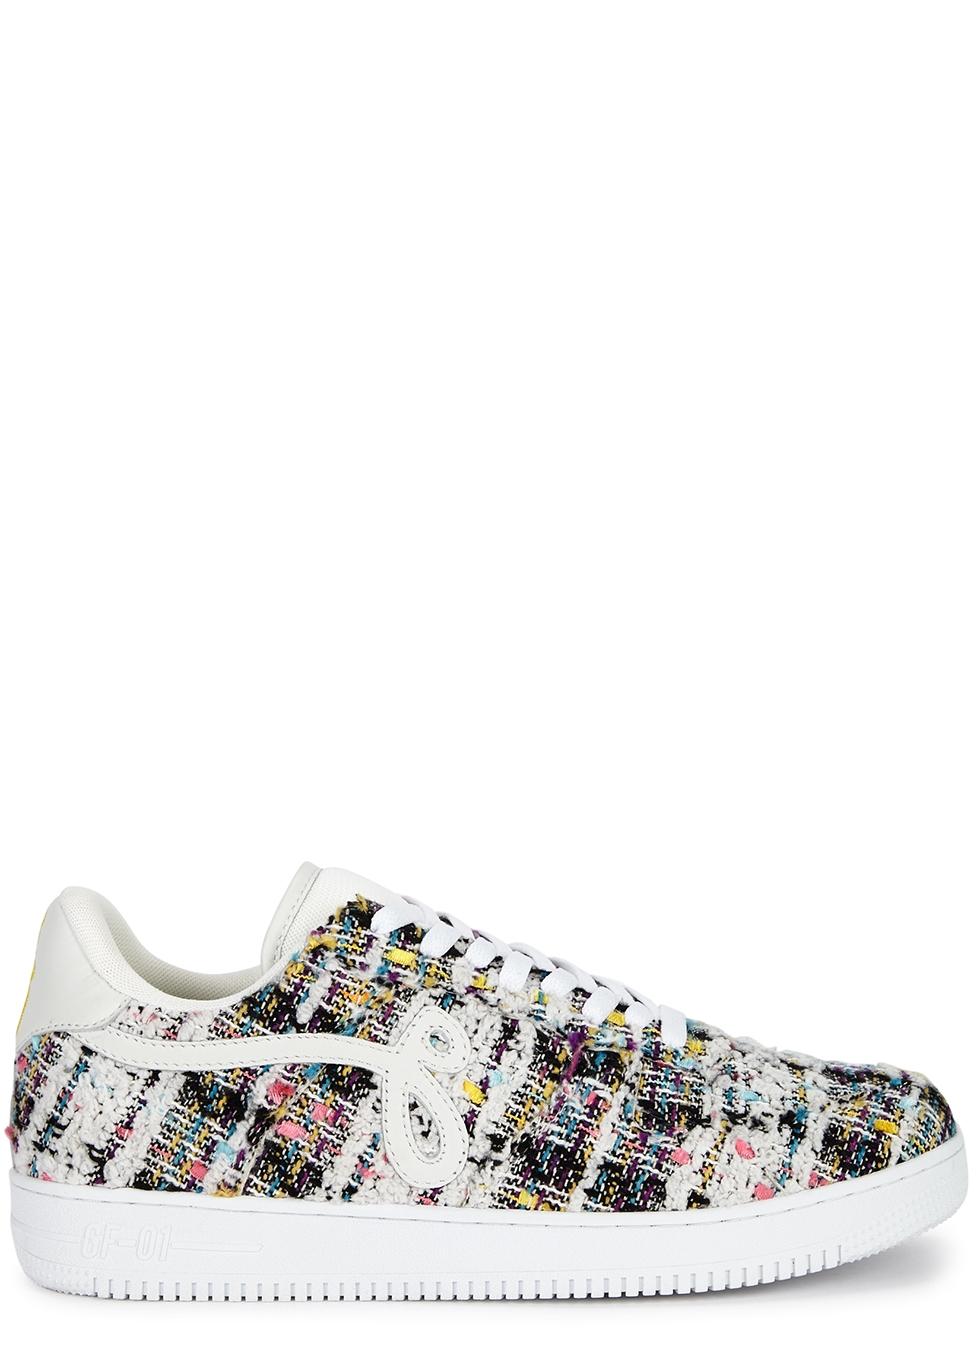 Bouclé tweed sneakers